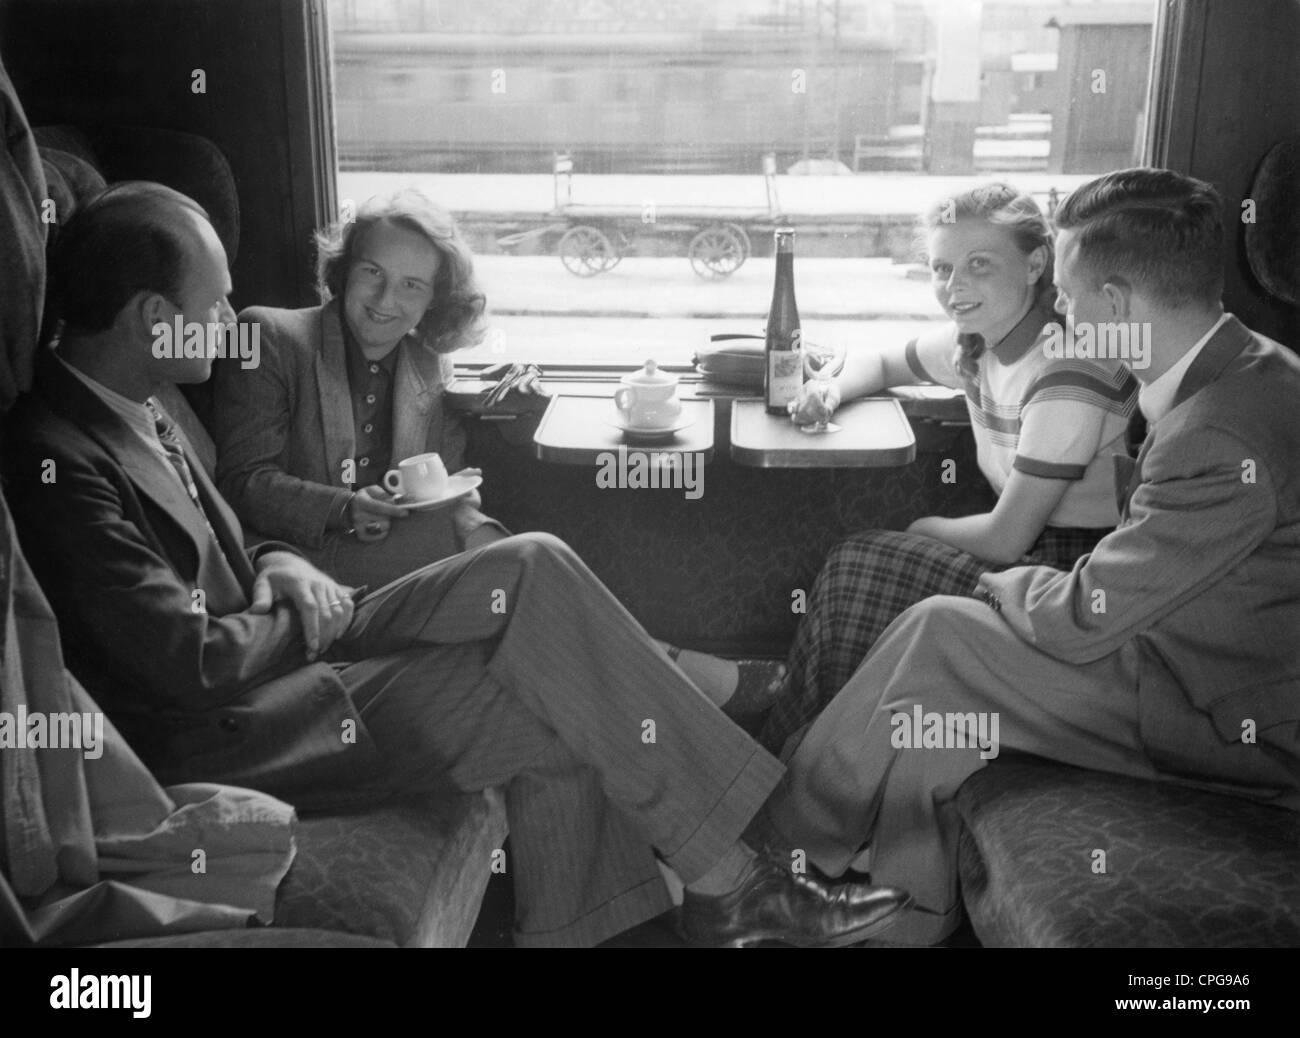 Turismo, due coppie nel vano del treno, 1950s, 50s, xx secolo, la storica, storica, ferrovia, ferrovia, ferrovie, Immagini Stock